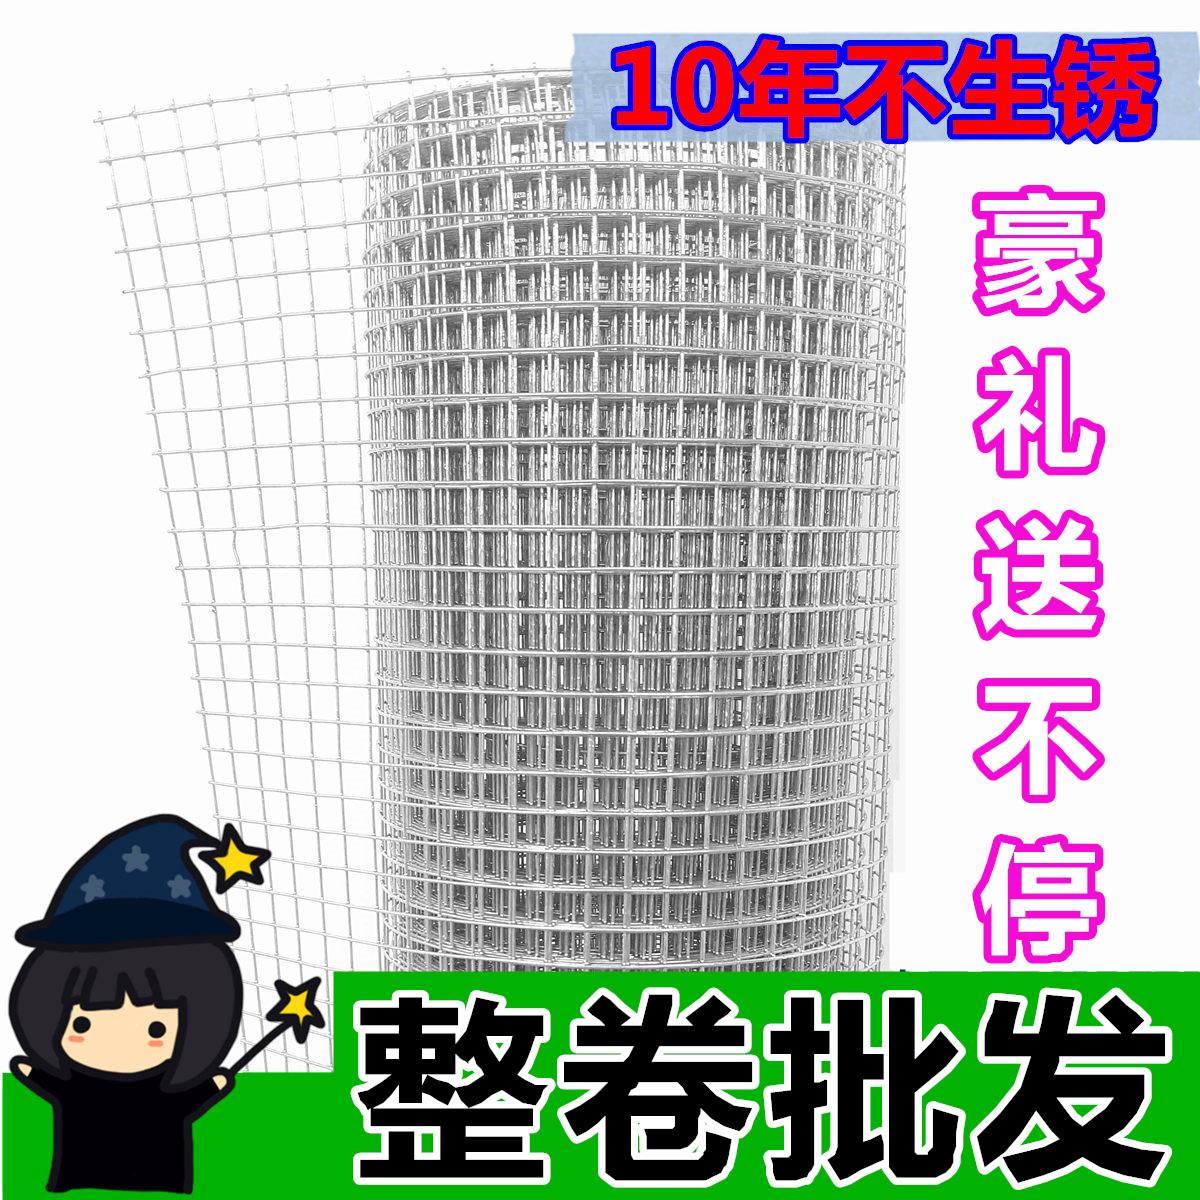 Железный провод чистый забор поддержка колонизация чистый провод чистый балкон защищать колонка противо мышь двойная пластина клетка гальванизация электричество сварной шов сетка домой